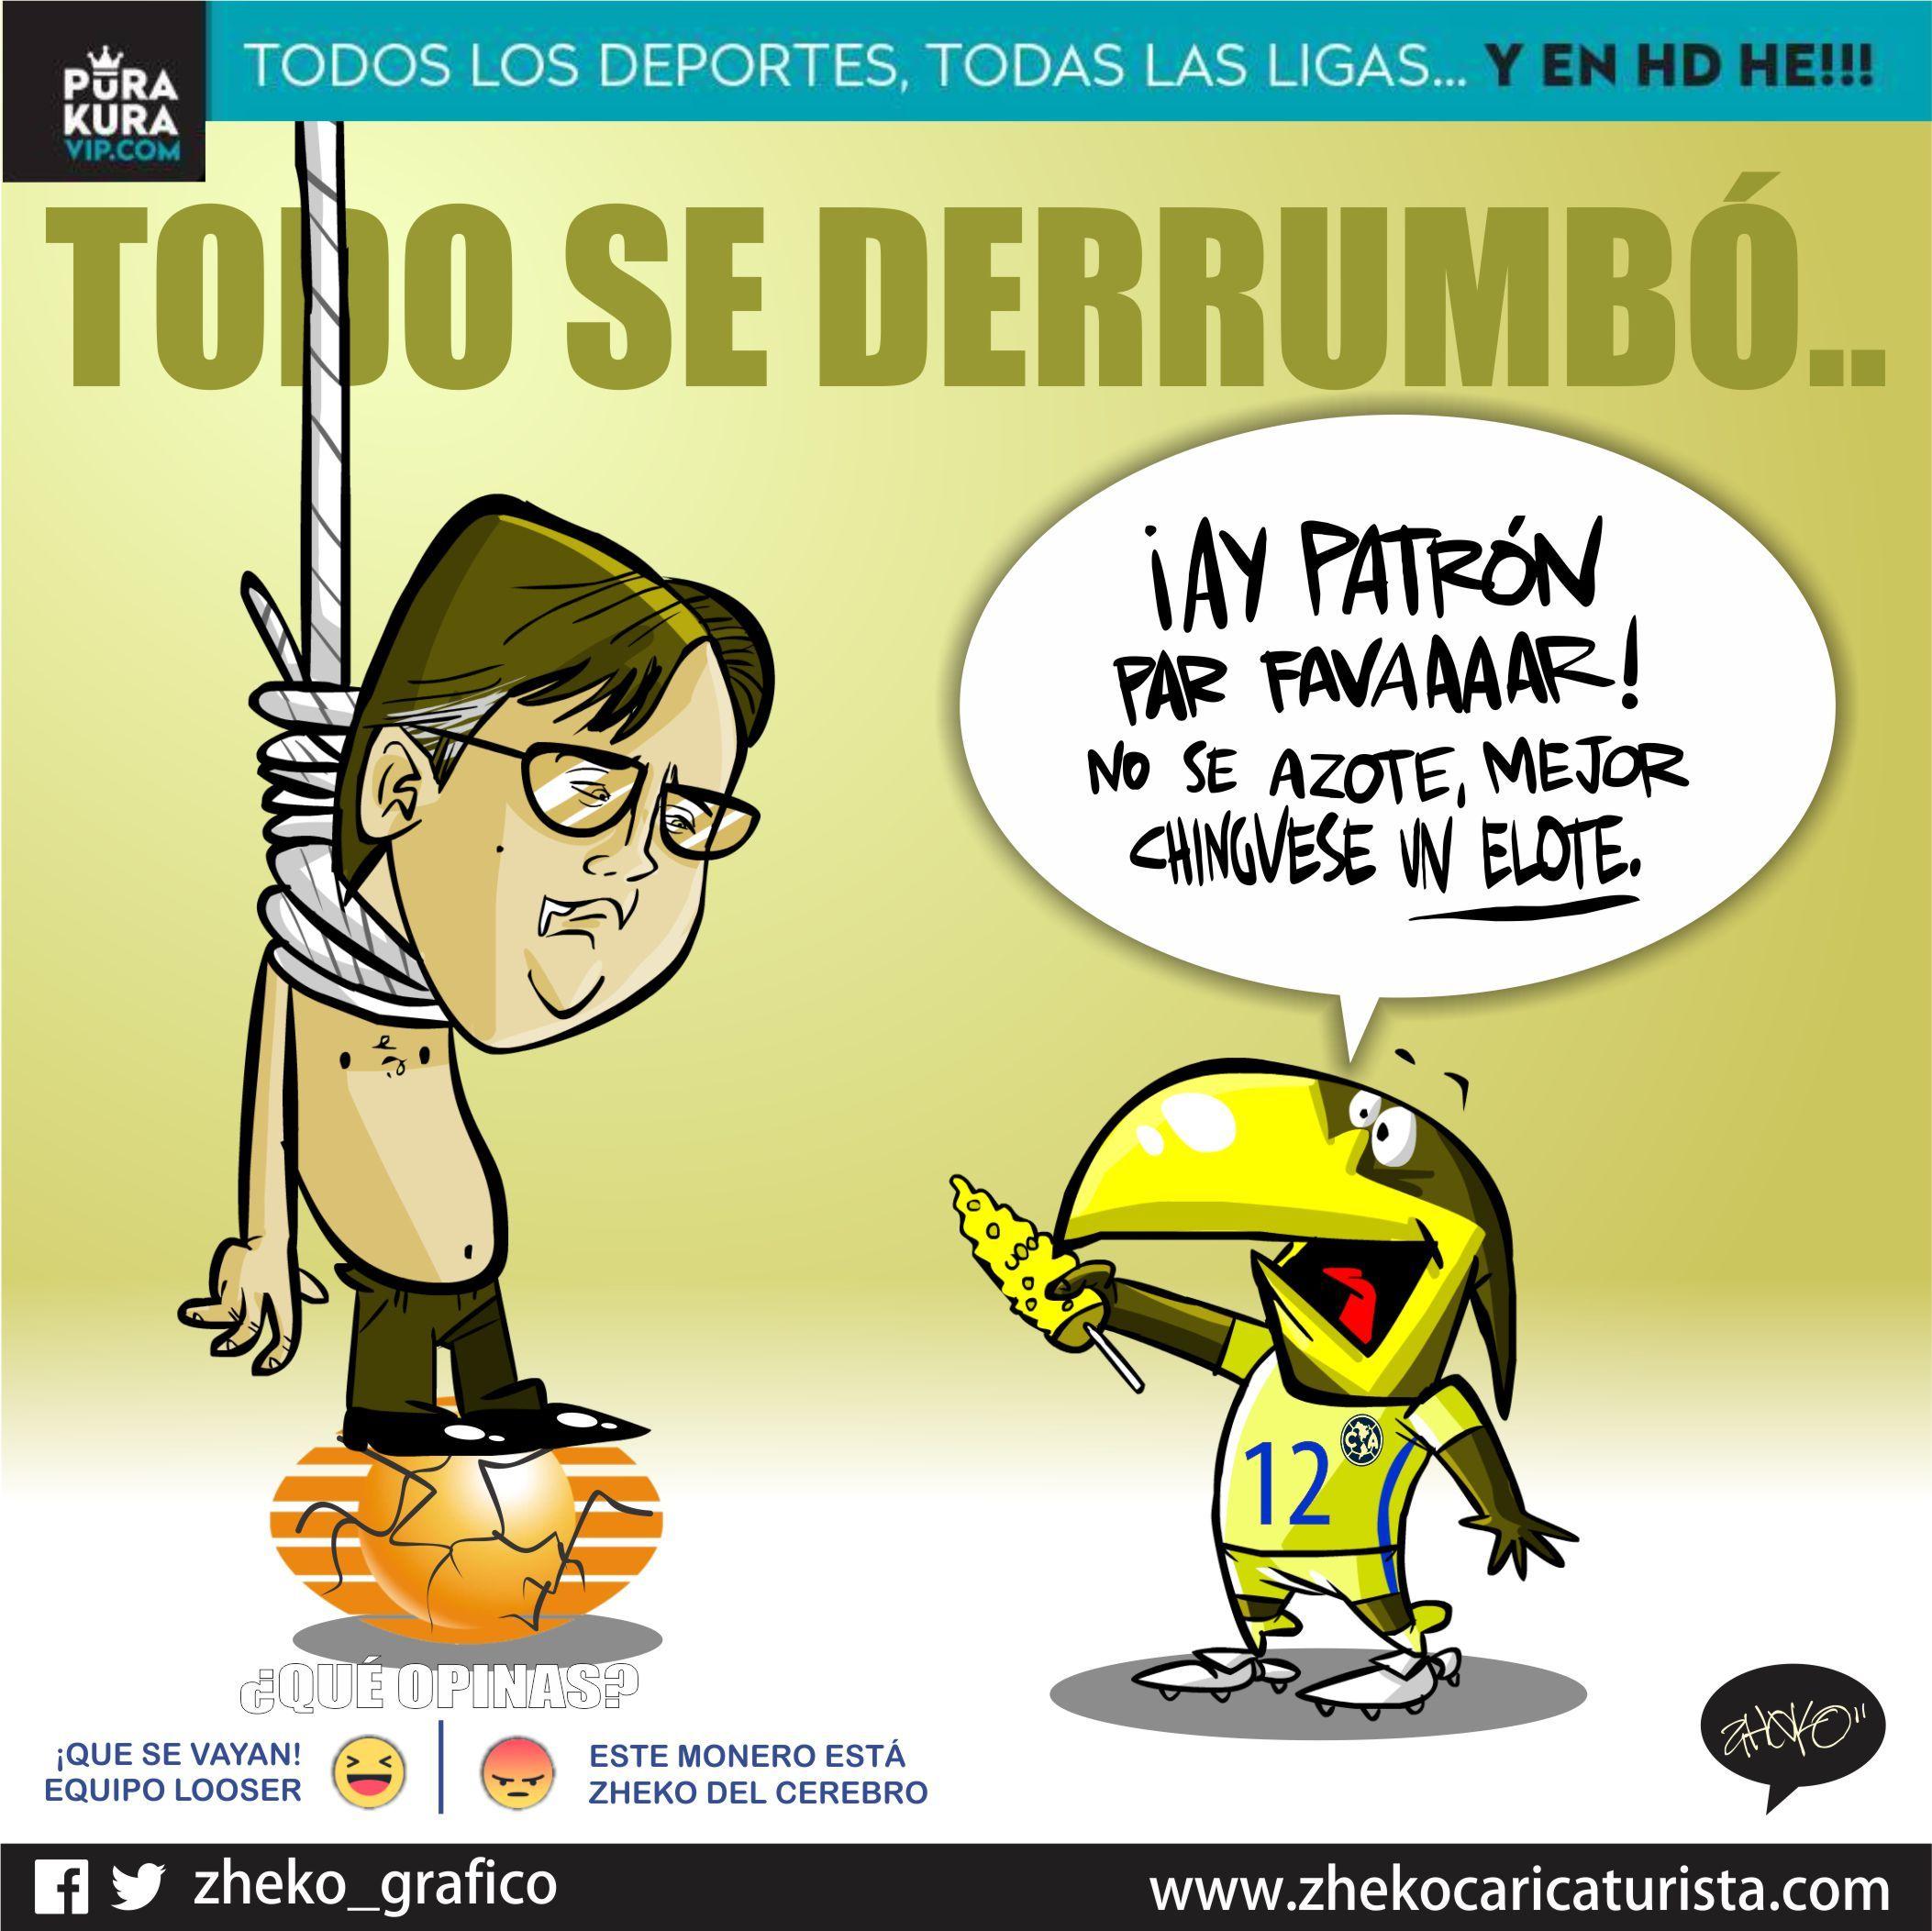 """#ElCartonDelDia """"UN ELOTE PARA LOS NERVIOS"""" @Chivas @ClubAmerica #ChivasLibre"""